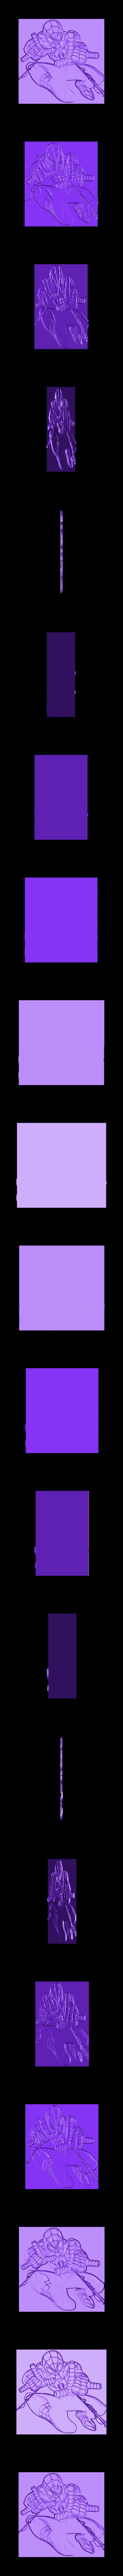 spiderman_lito.stl Télécharger fichier STL gratuit SPIDERMAN lithophanie • Plan pour impression 3D, 3dlito